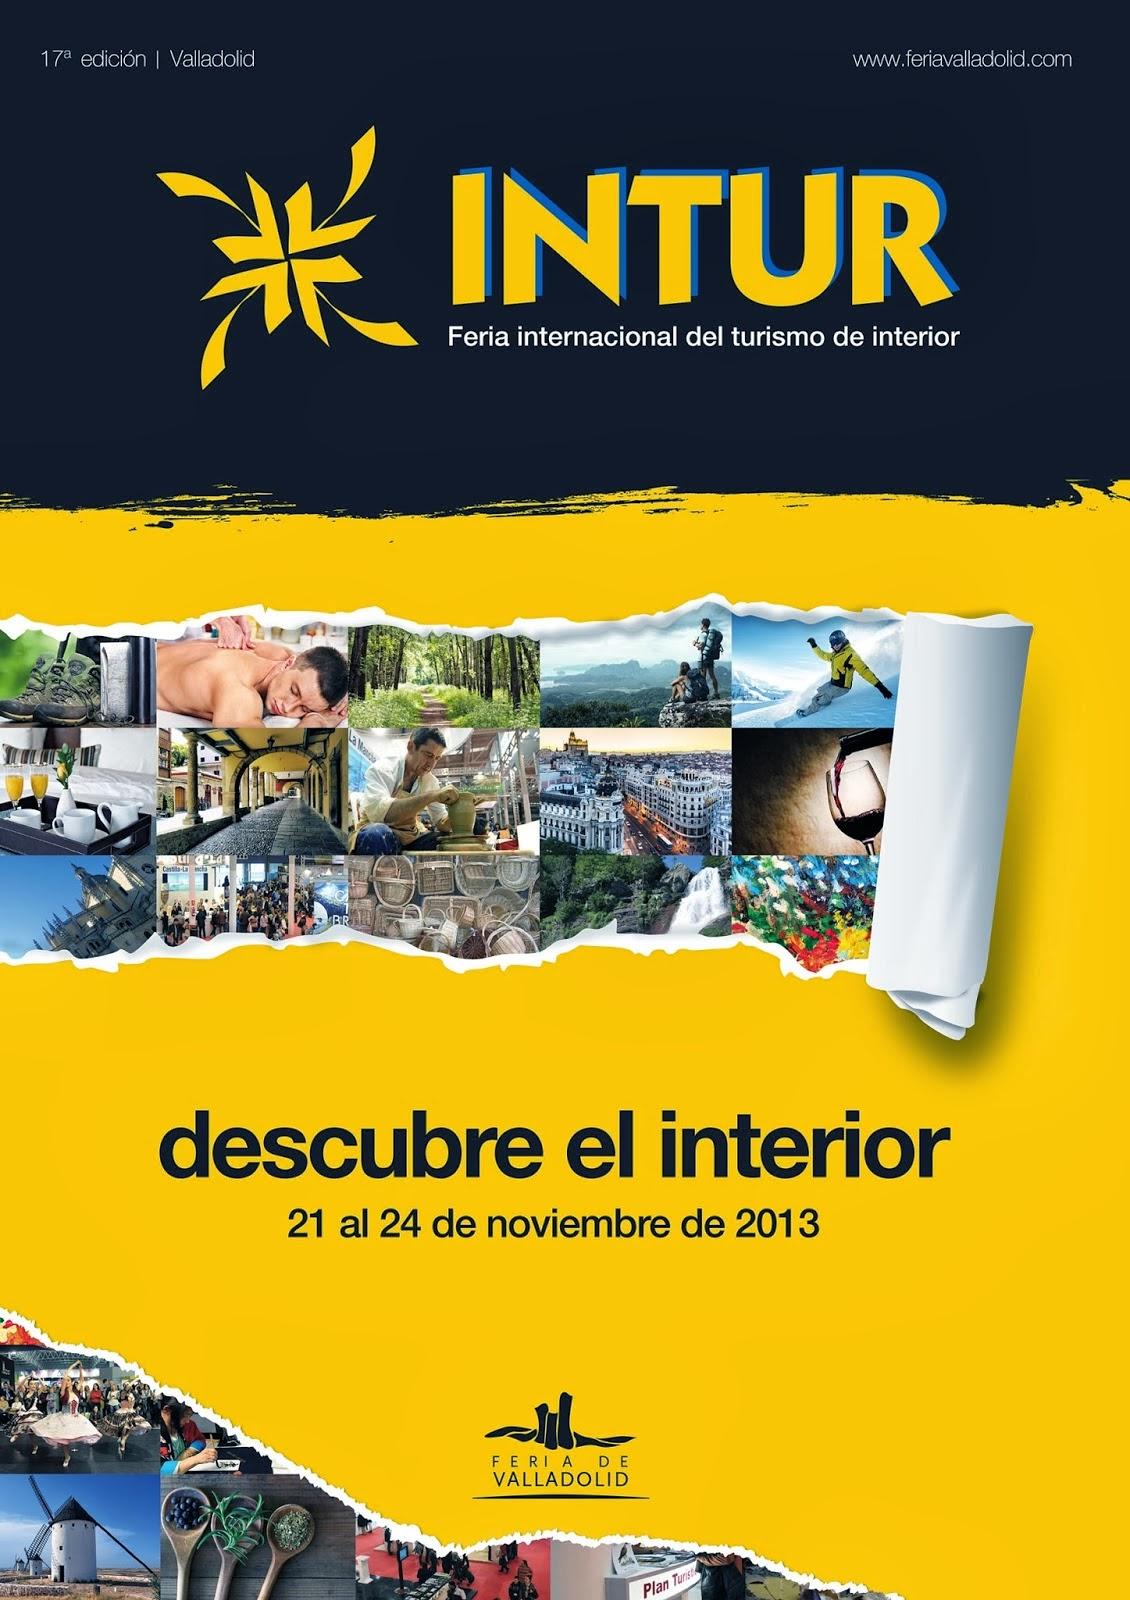 FERIA INTUR 2013